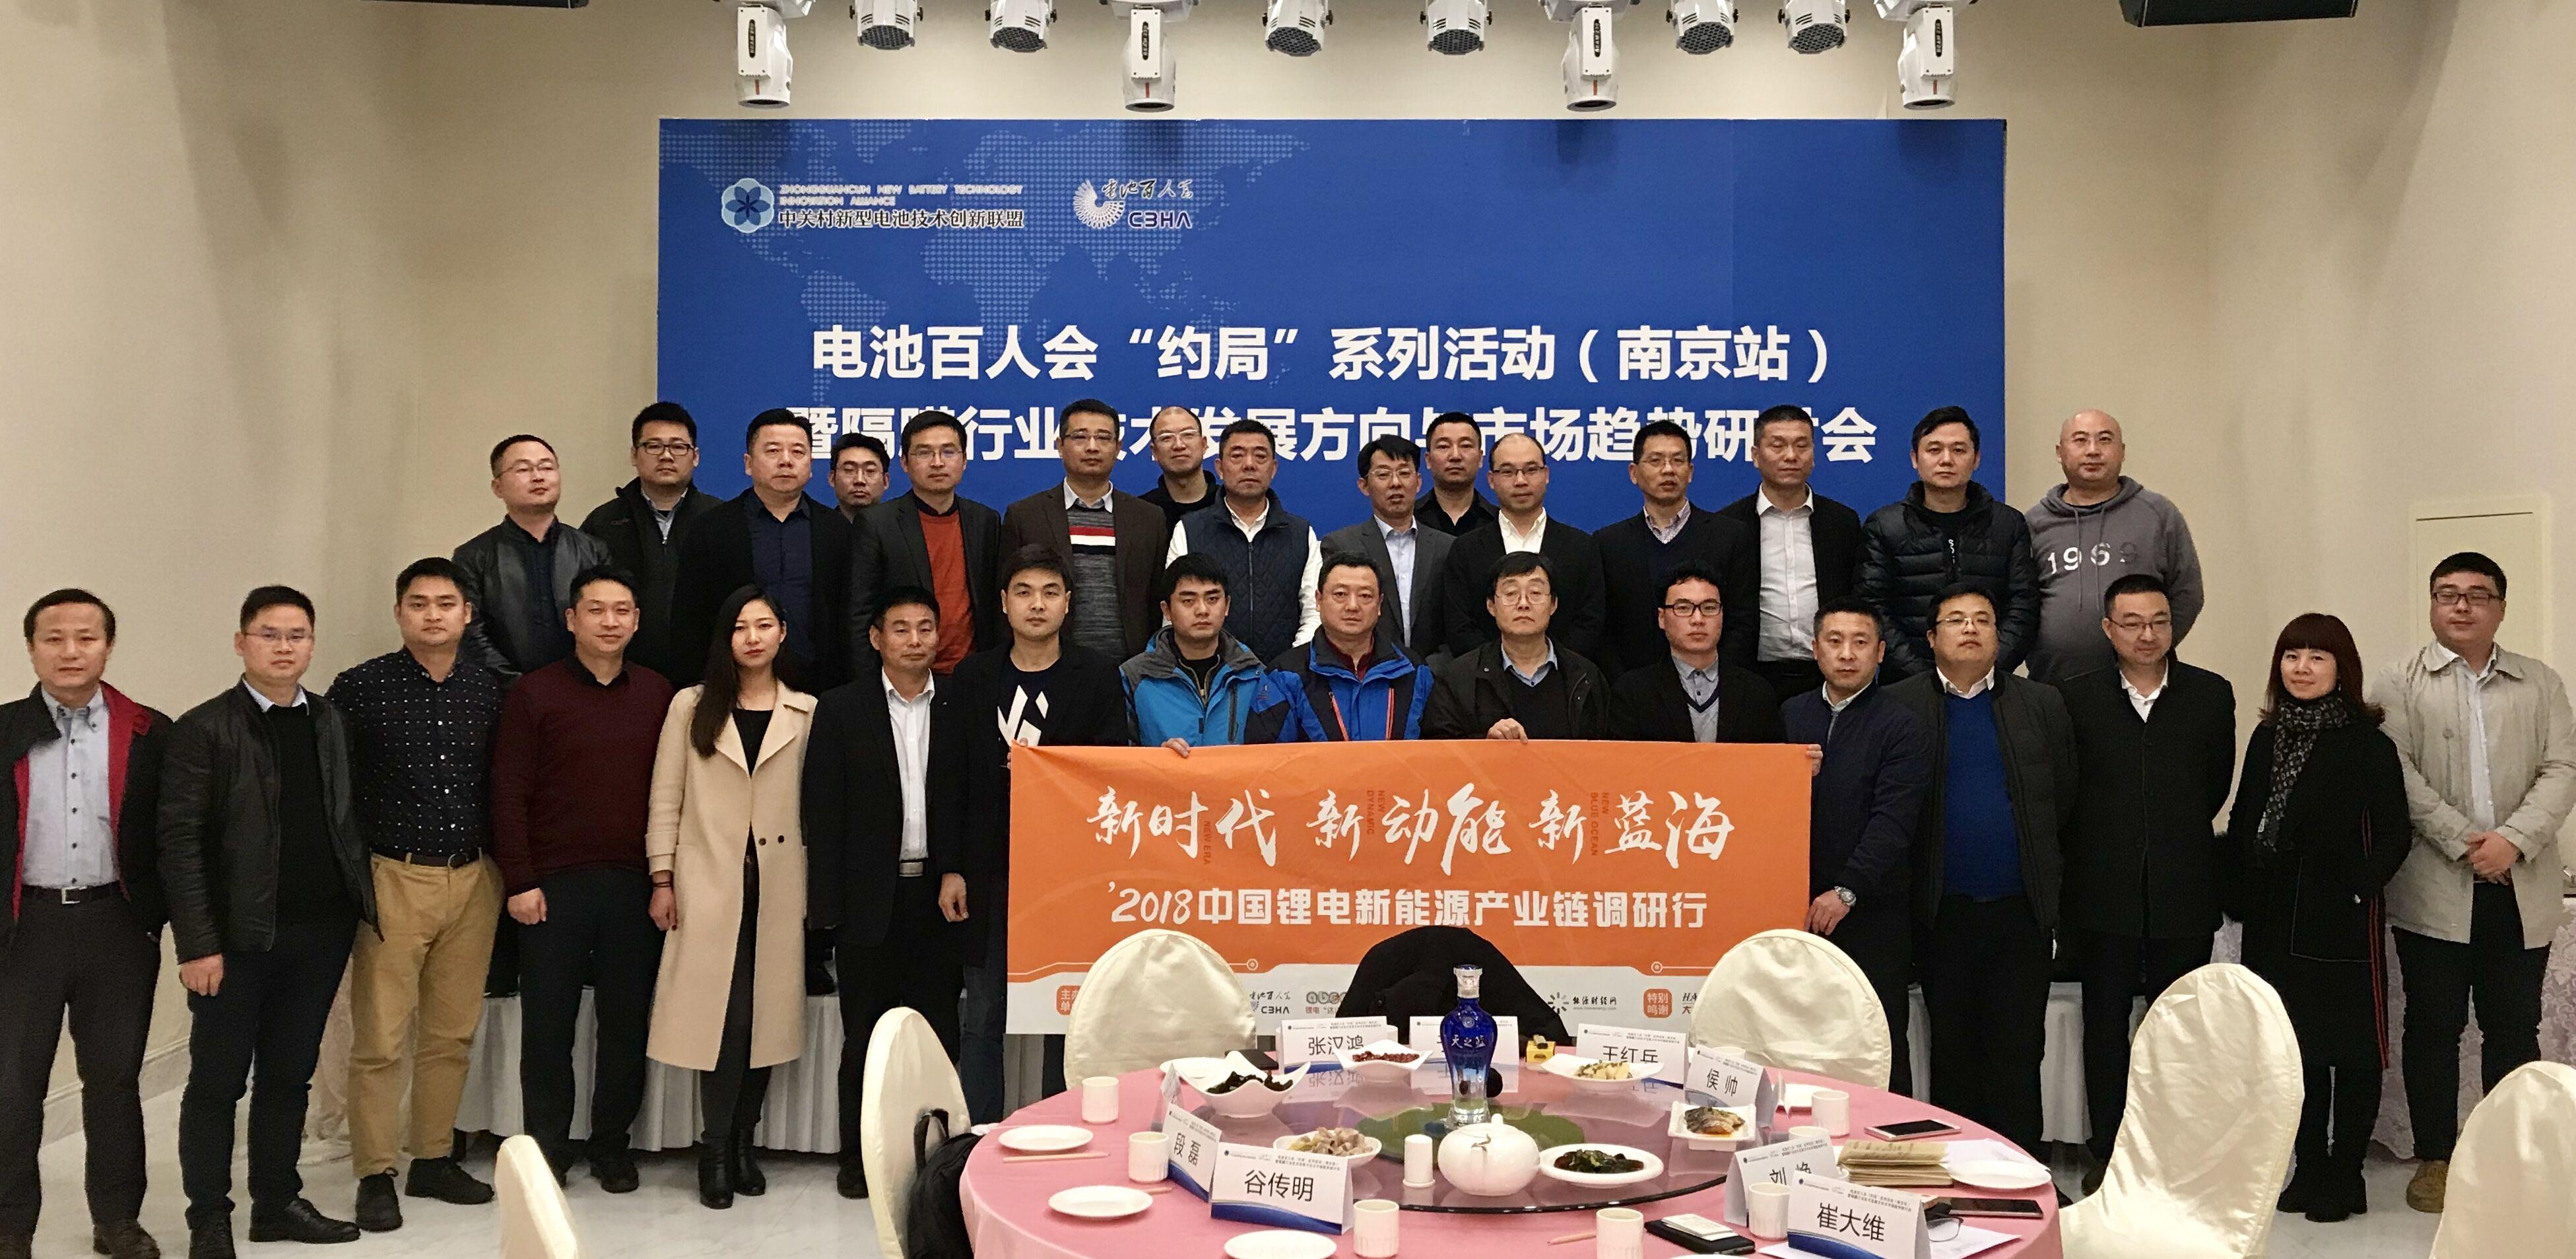 """企业家""""约局""""南京详解:提升隔膜品质 打造国产品牌"""